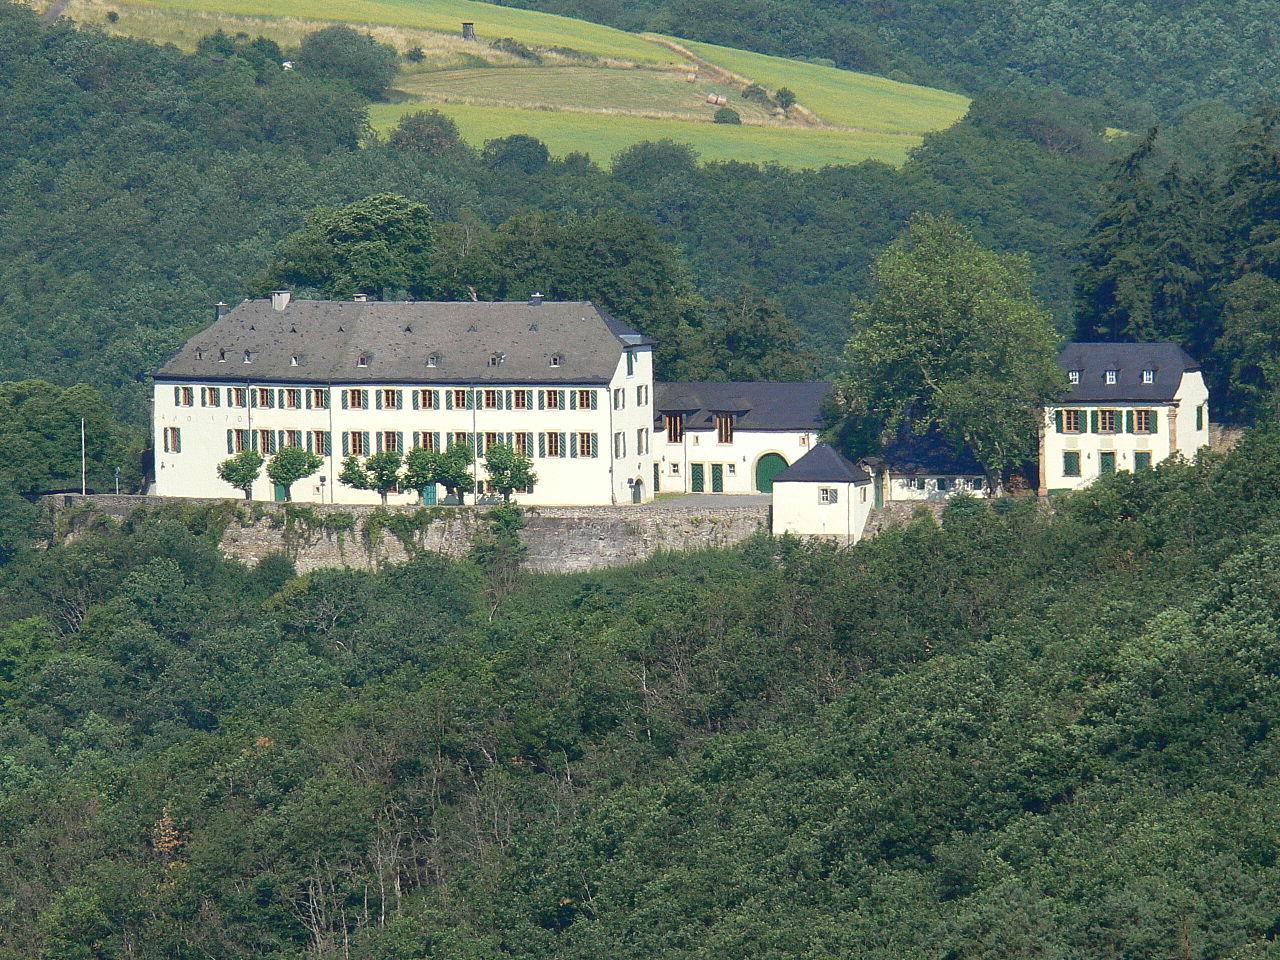 Bild Schloss Wartenstein Oberhausen